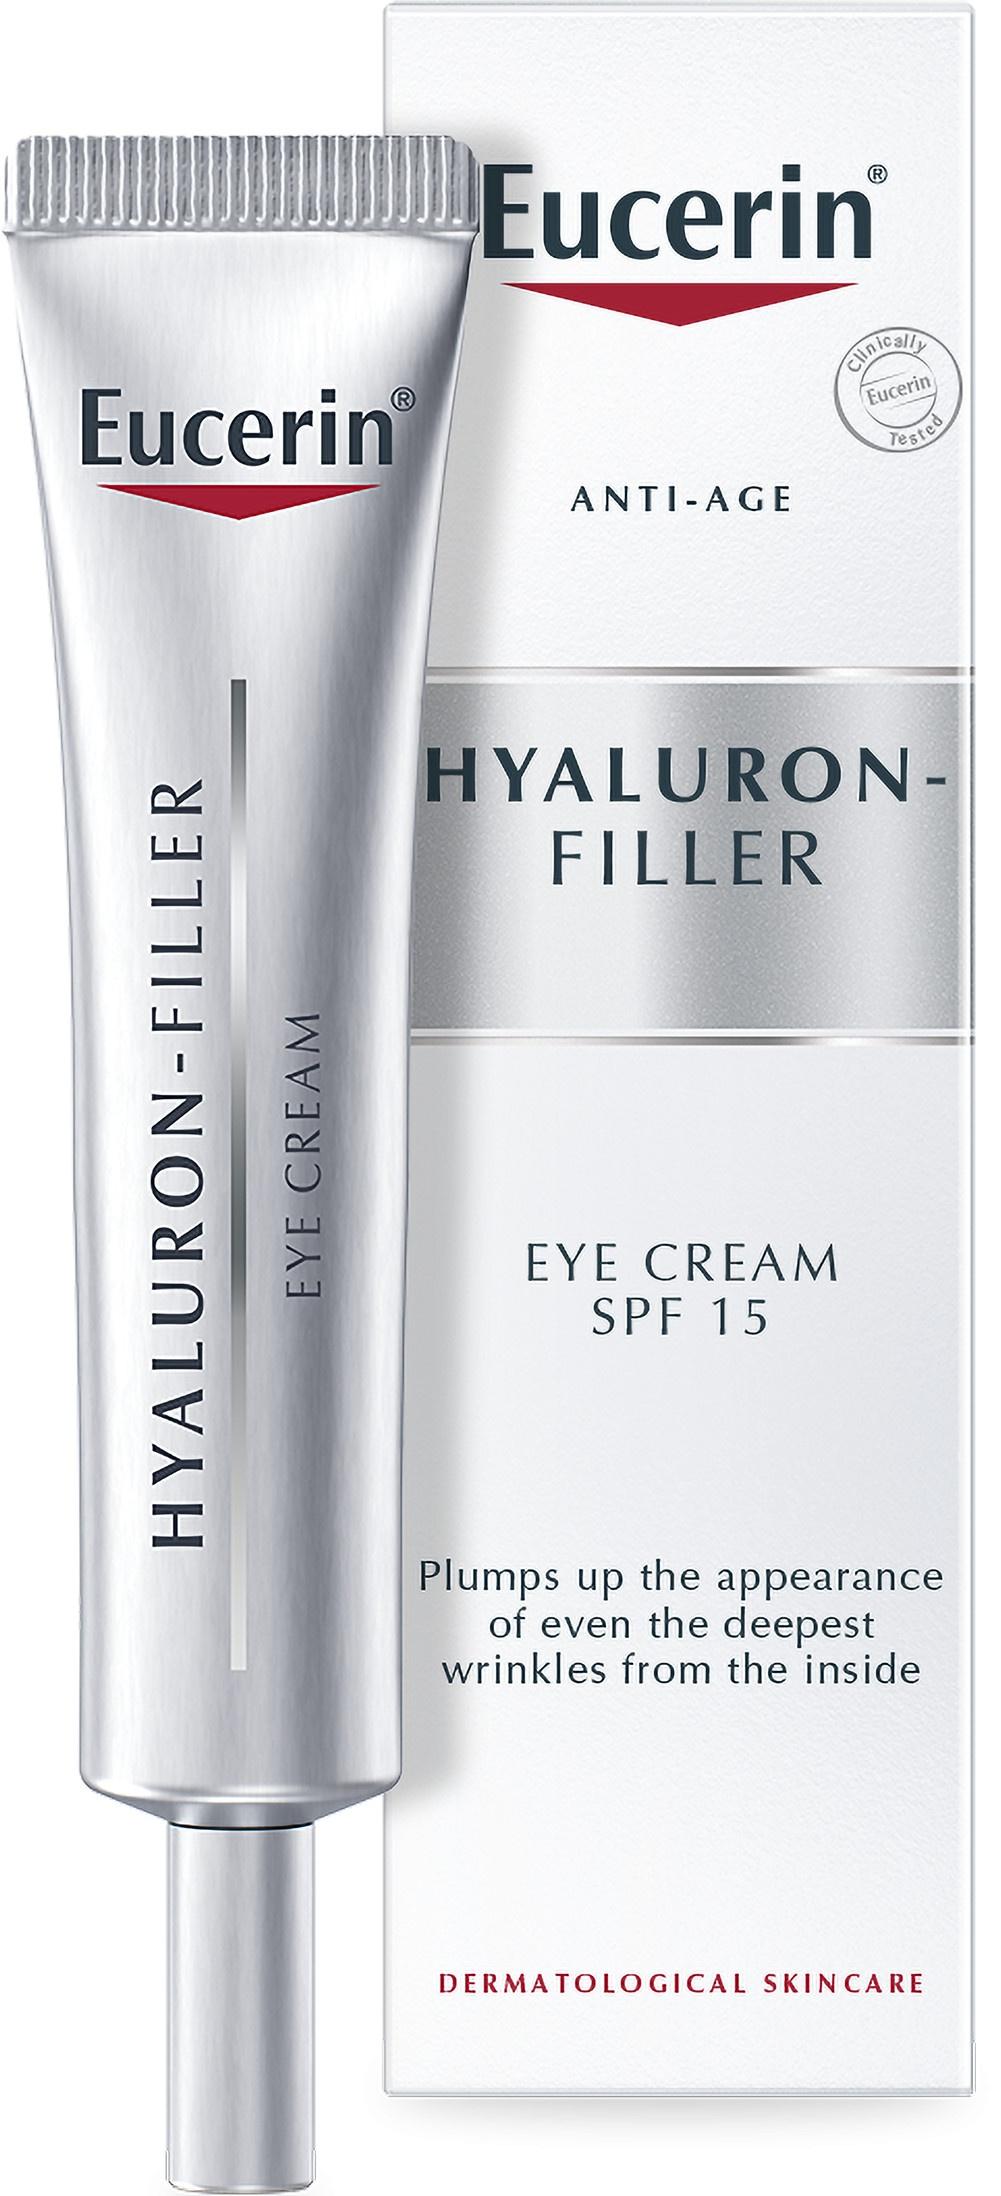 Eucerin Hyaluron-Filler Eye Cream SPF15